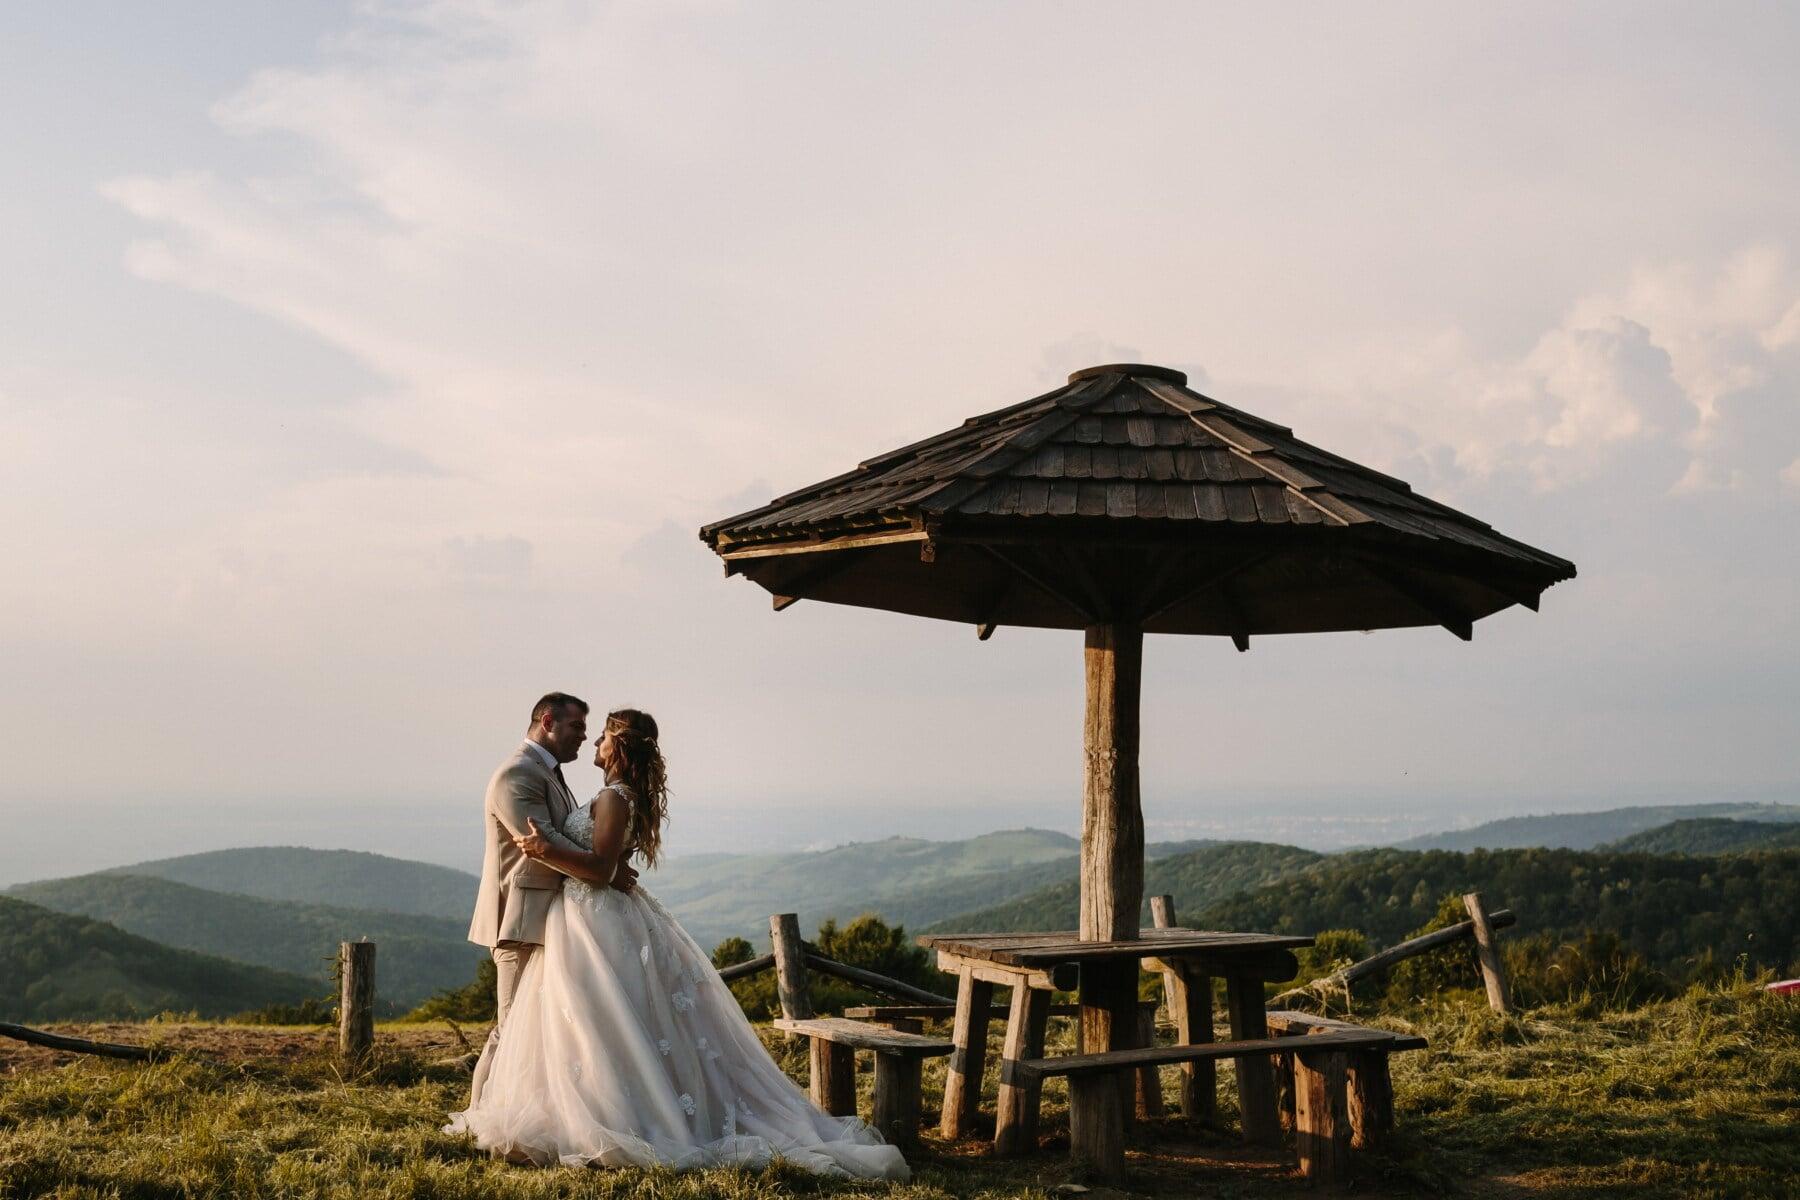 femme, mari, Panorama, tout juste marié, Sommet de montagne, collines, campagne, robe, la mariée, mariage